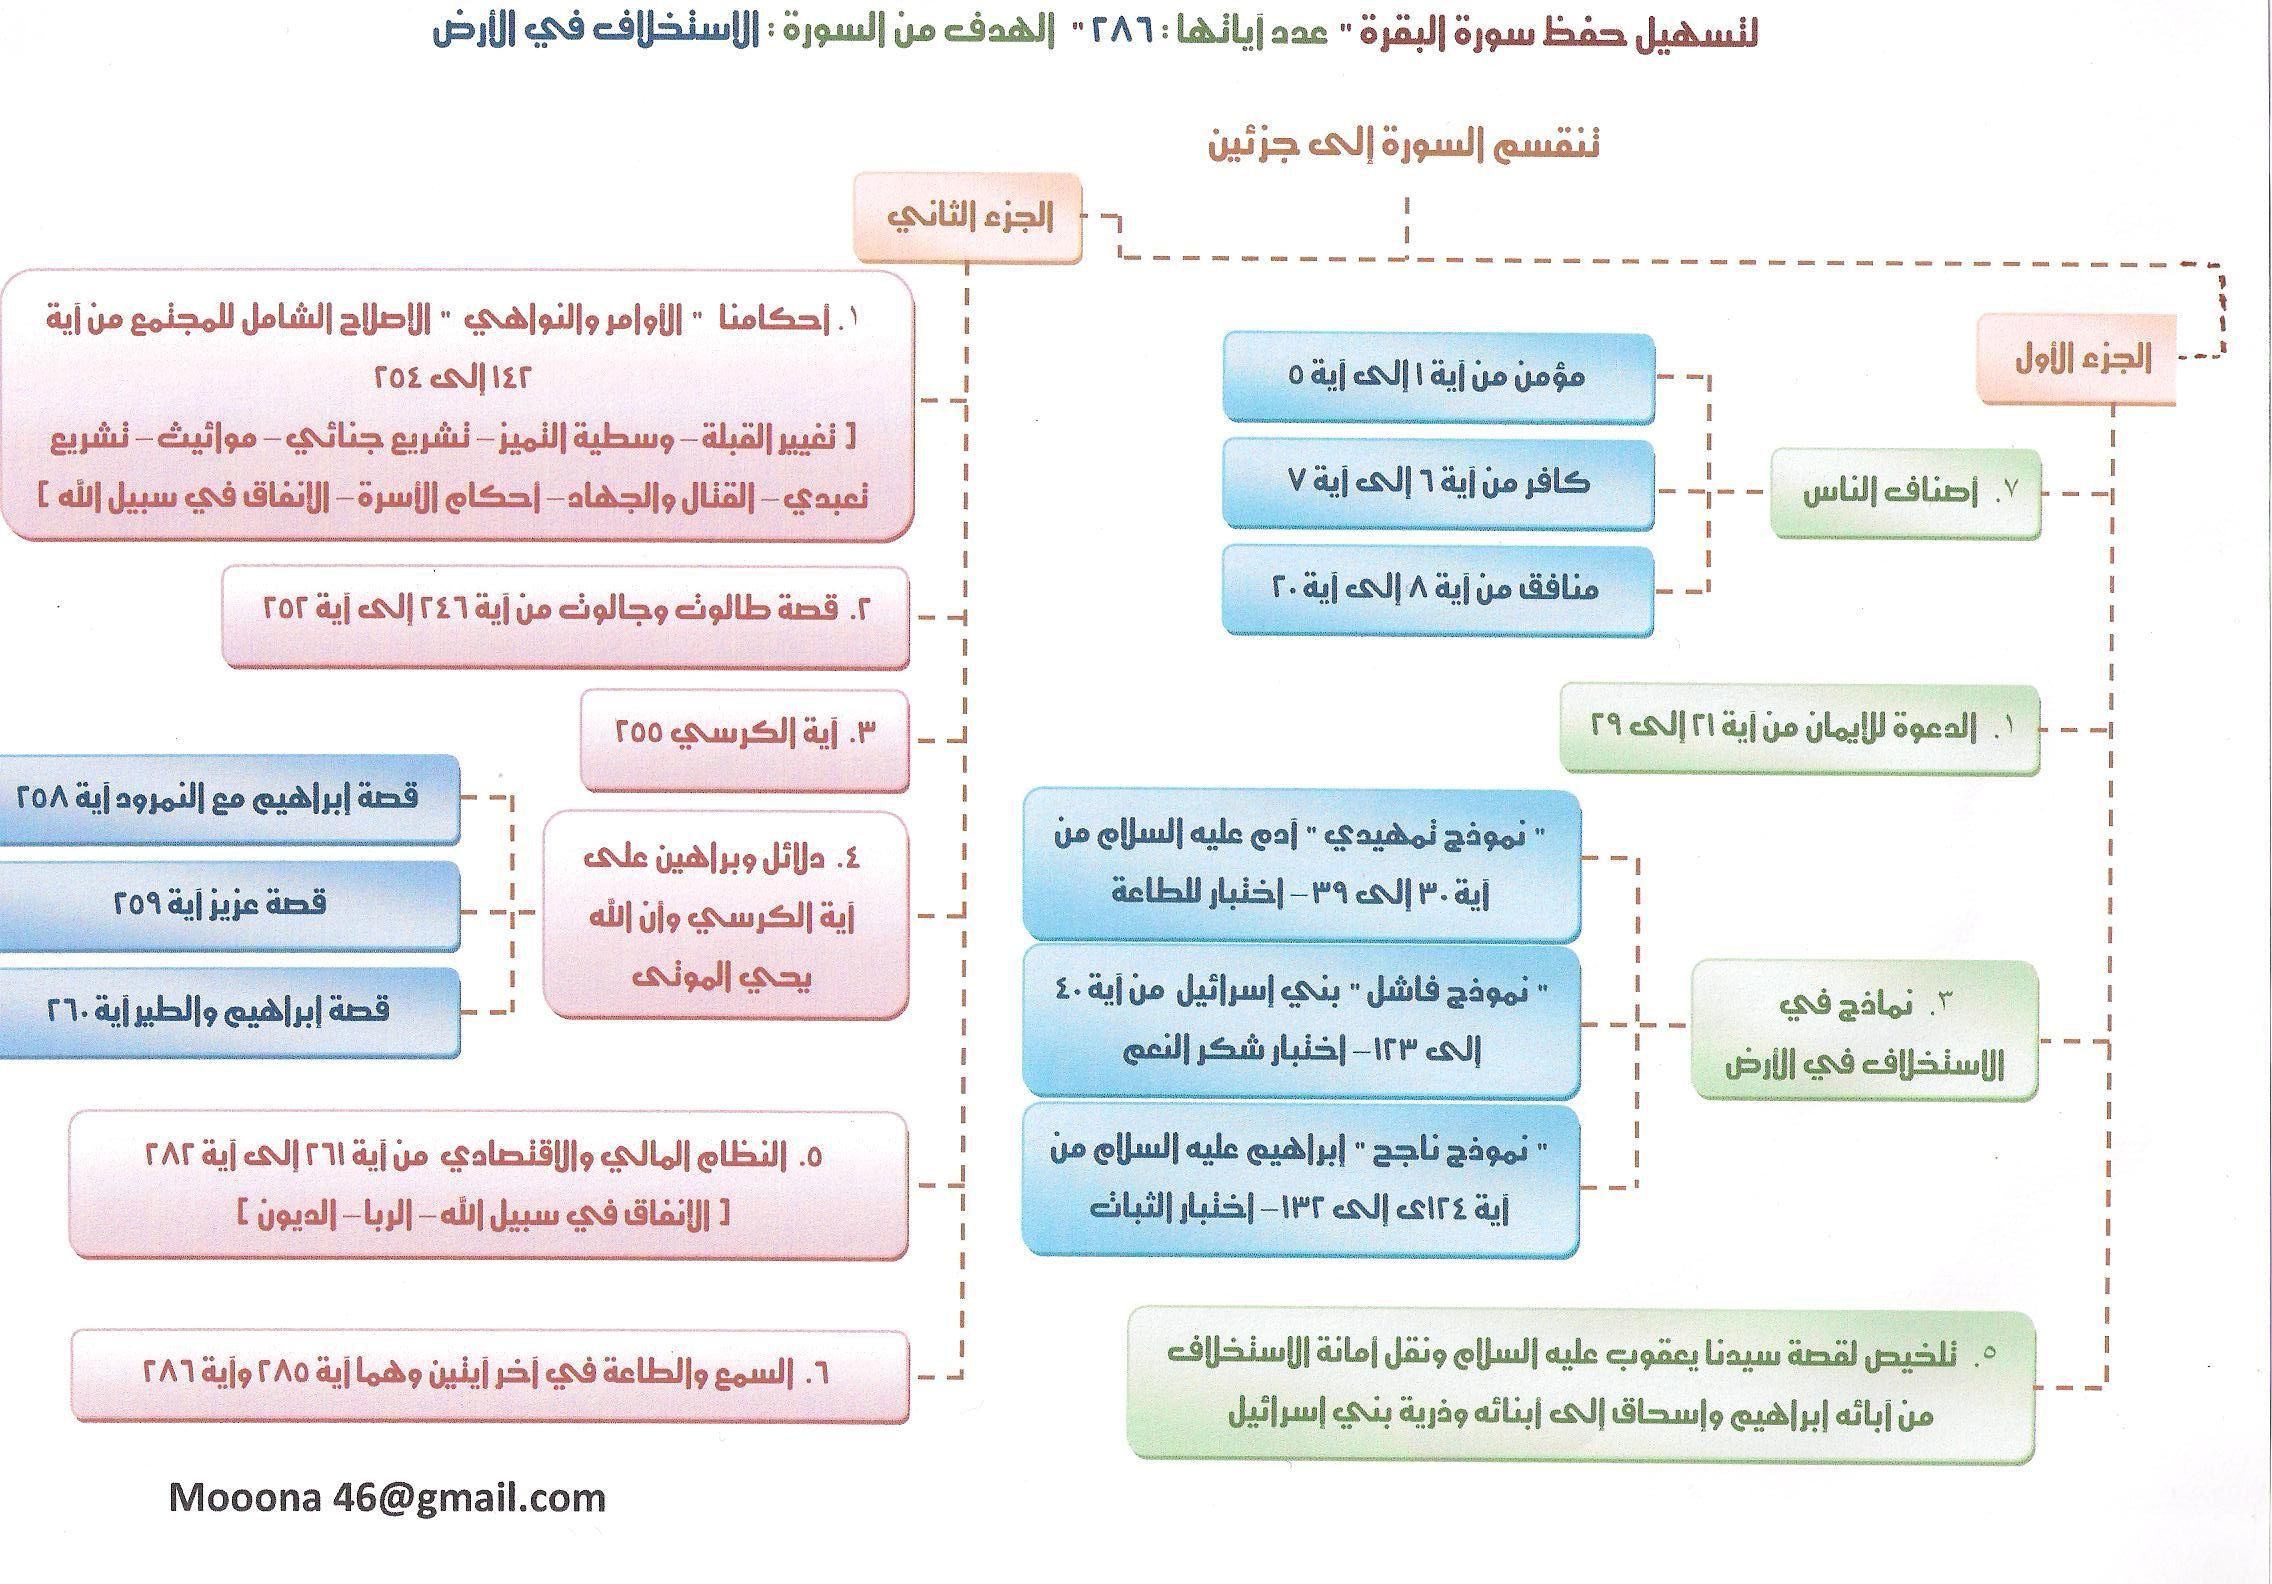 خريطة ذهنية لحفظ سورة البقرة الشيخ الدويش منتدى نفحات الإيمان Islamic Quotes Quran Quran Tafseer Islam Facts